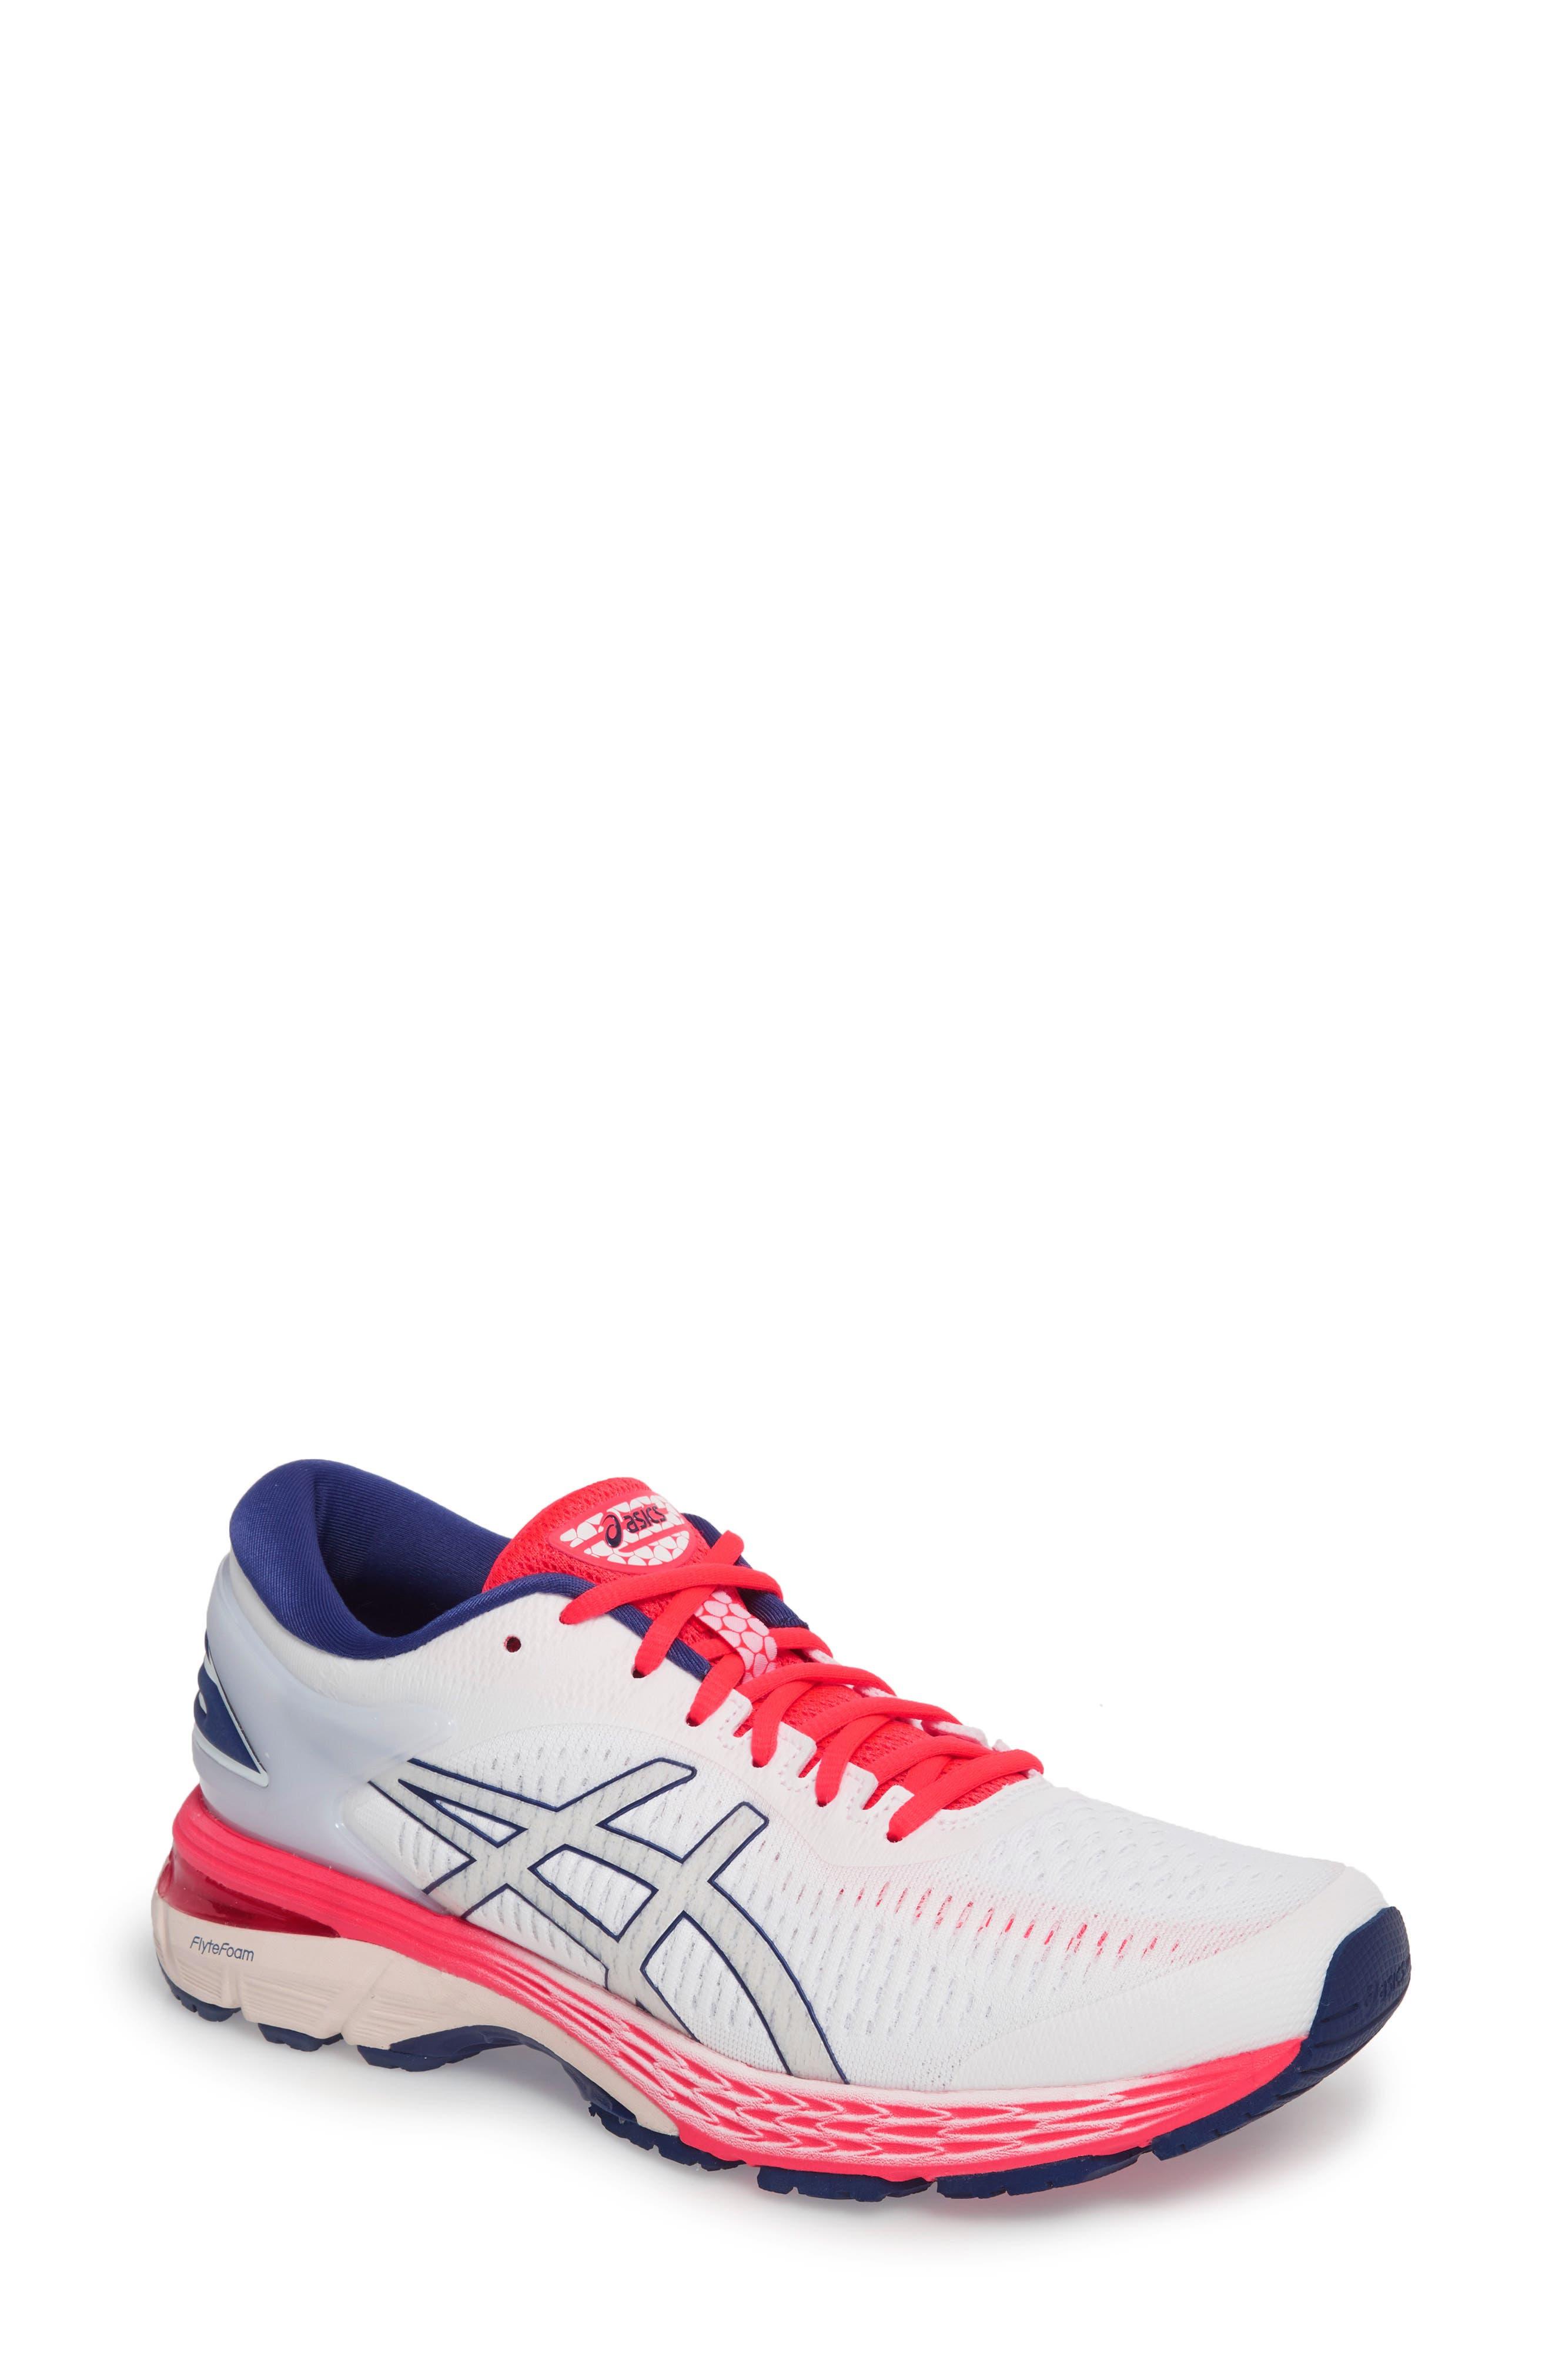 Asics Gel-Kayano 25 Running Shoe, White